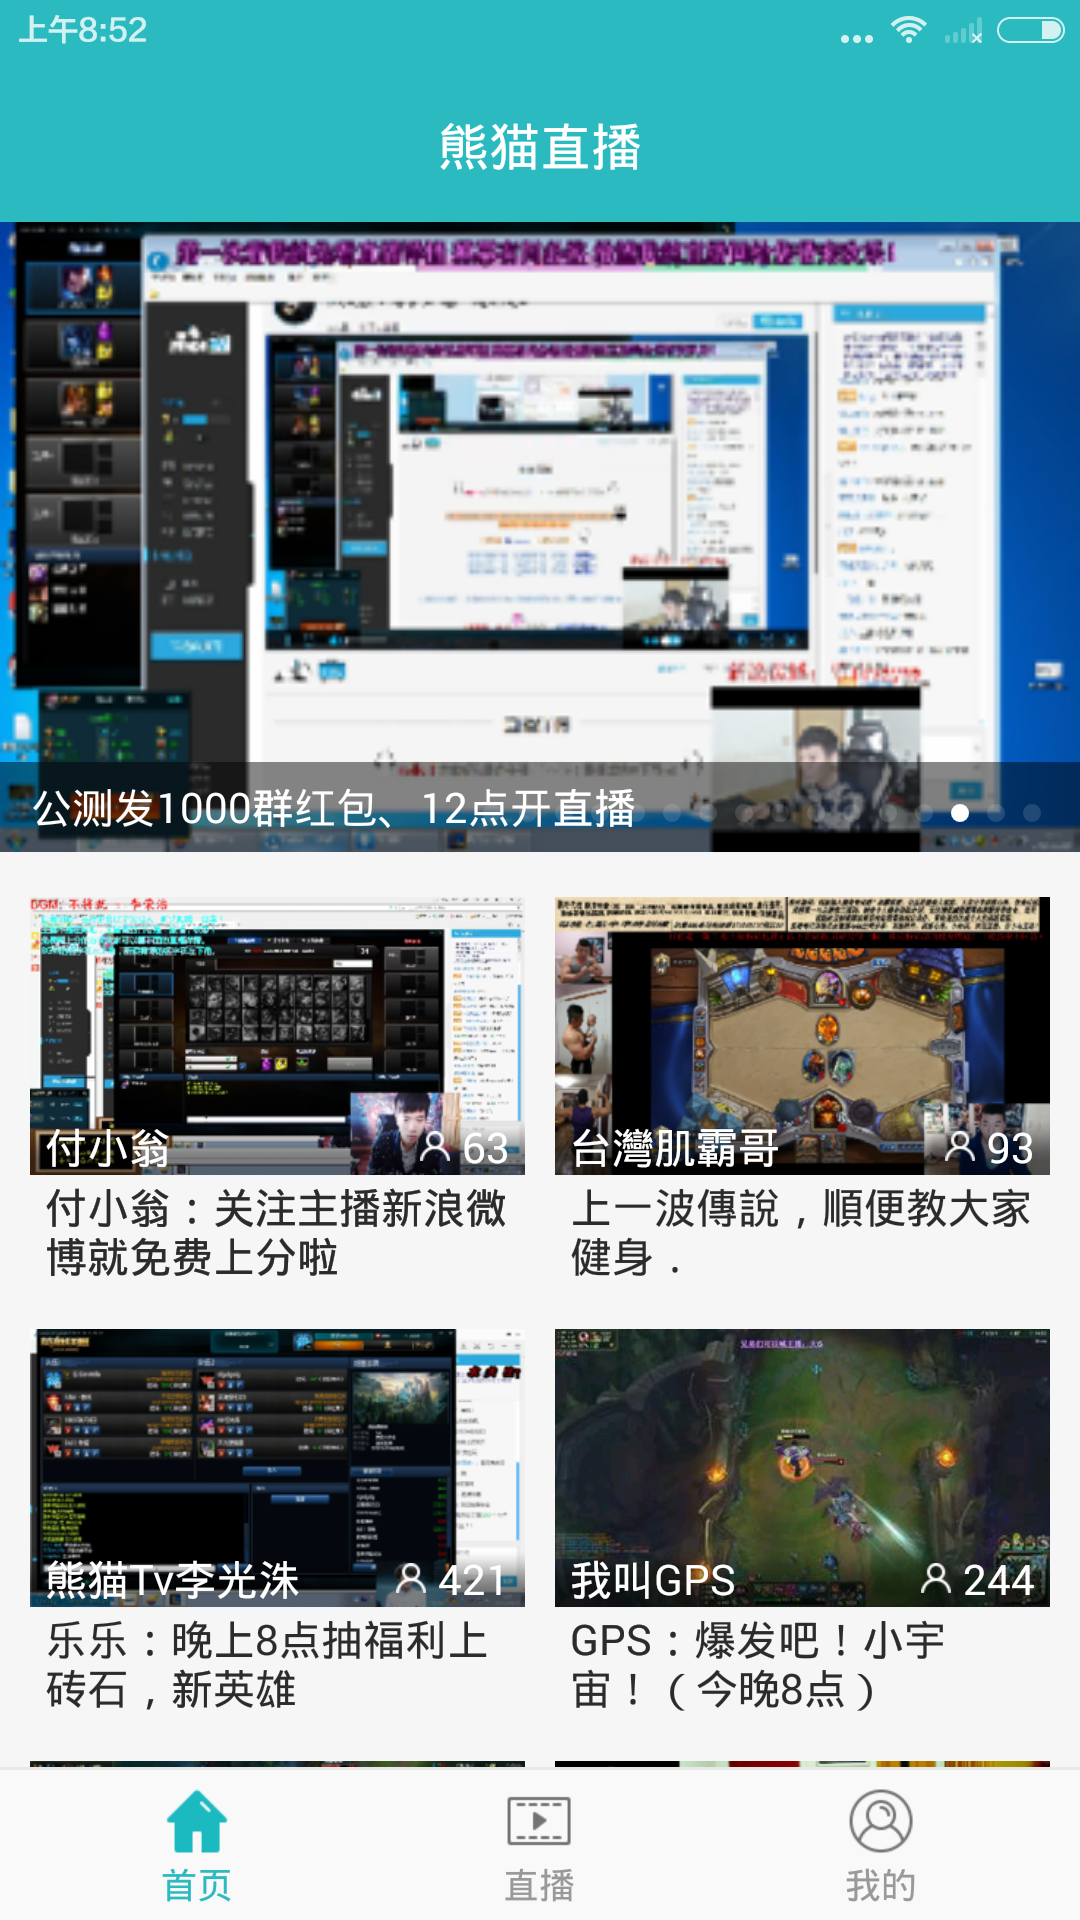 熊猫TV官网安卓版app(panda TV) v1.0.0.1036